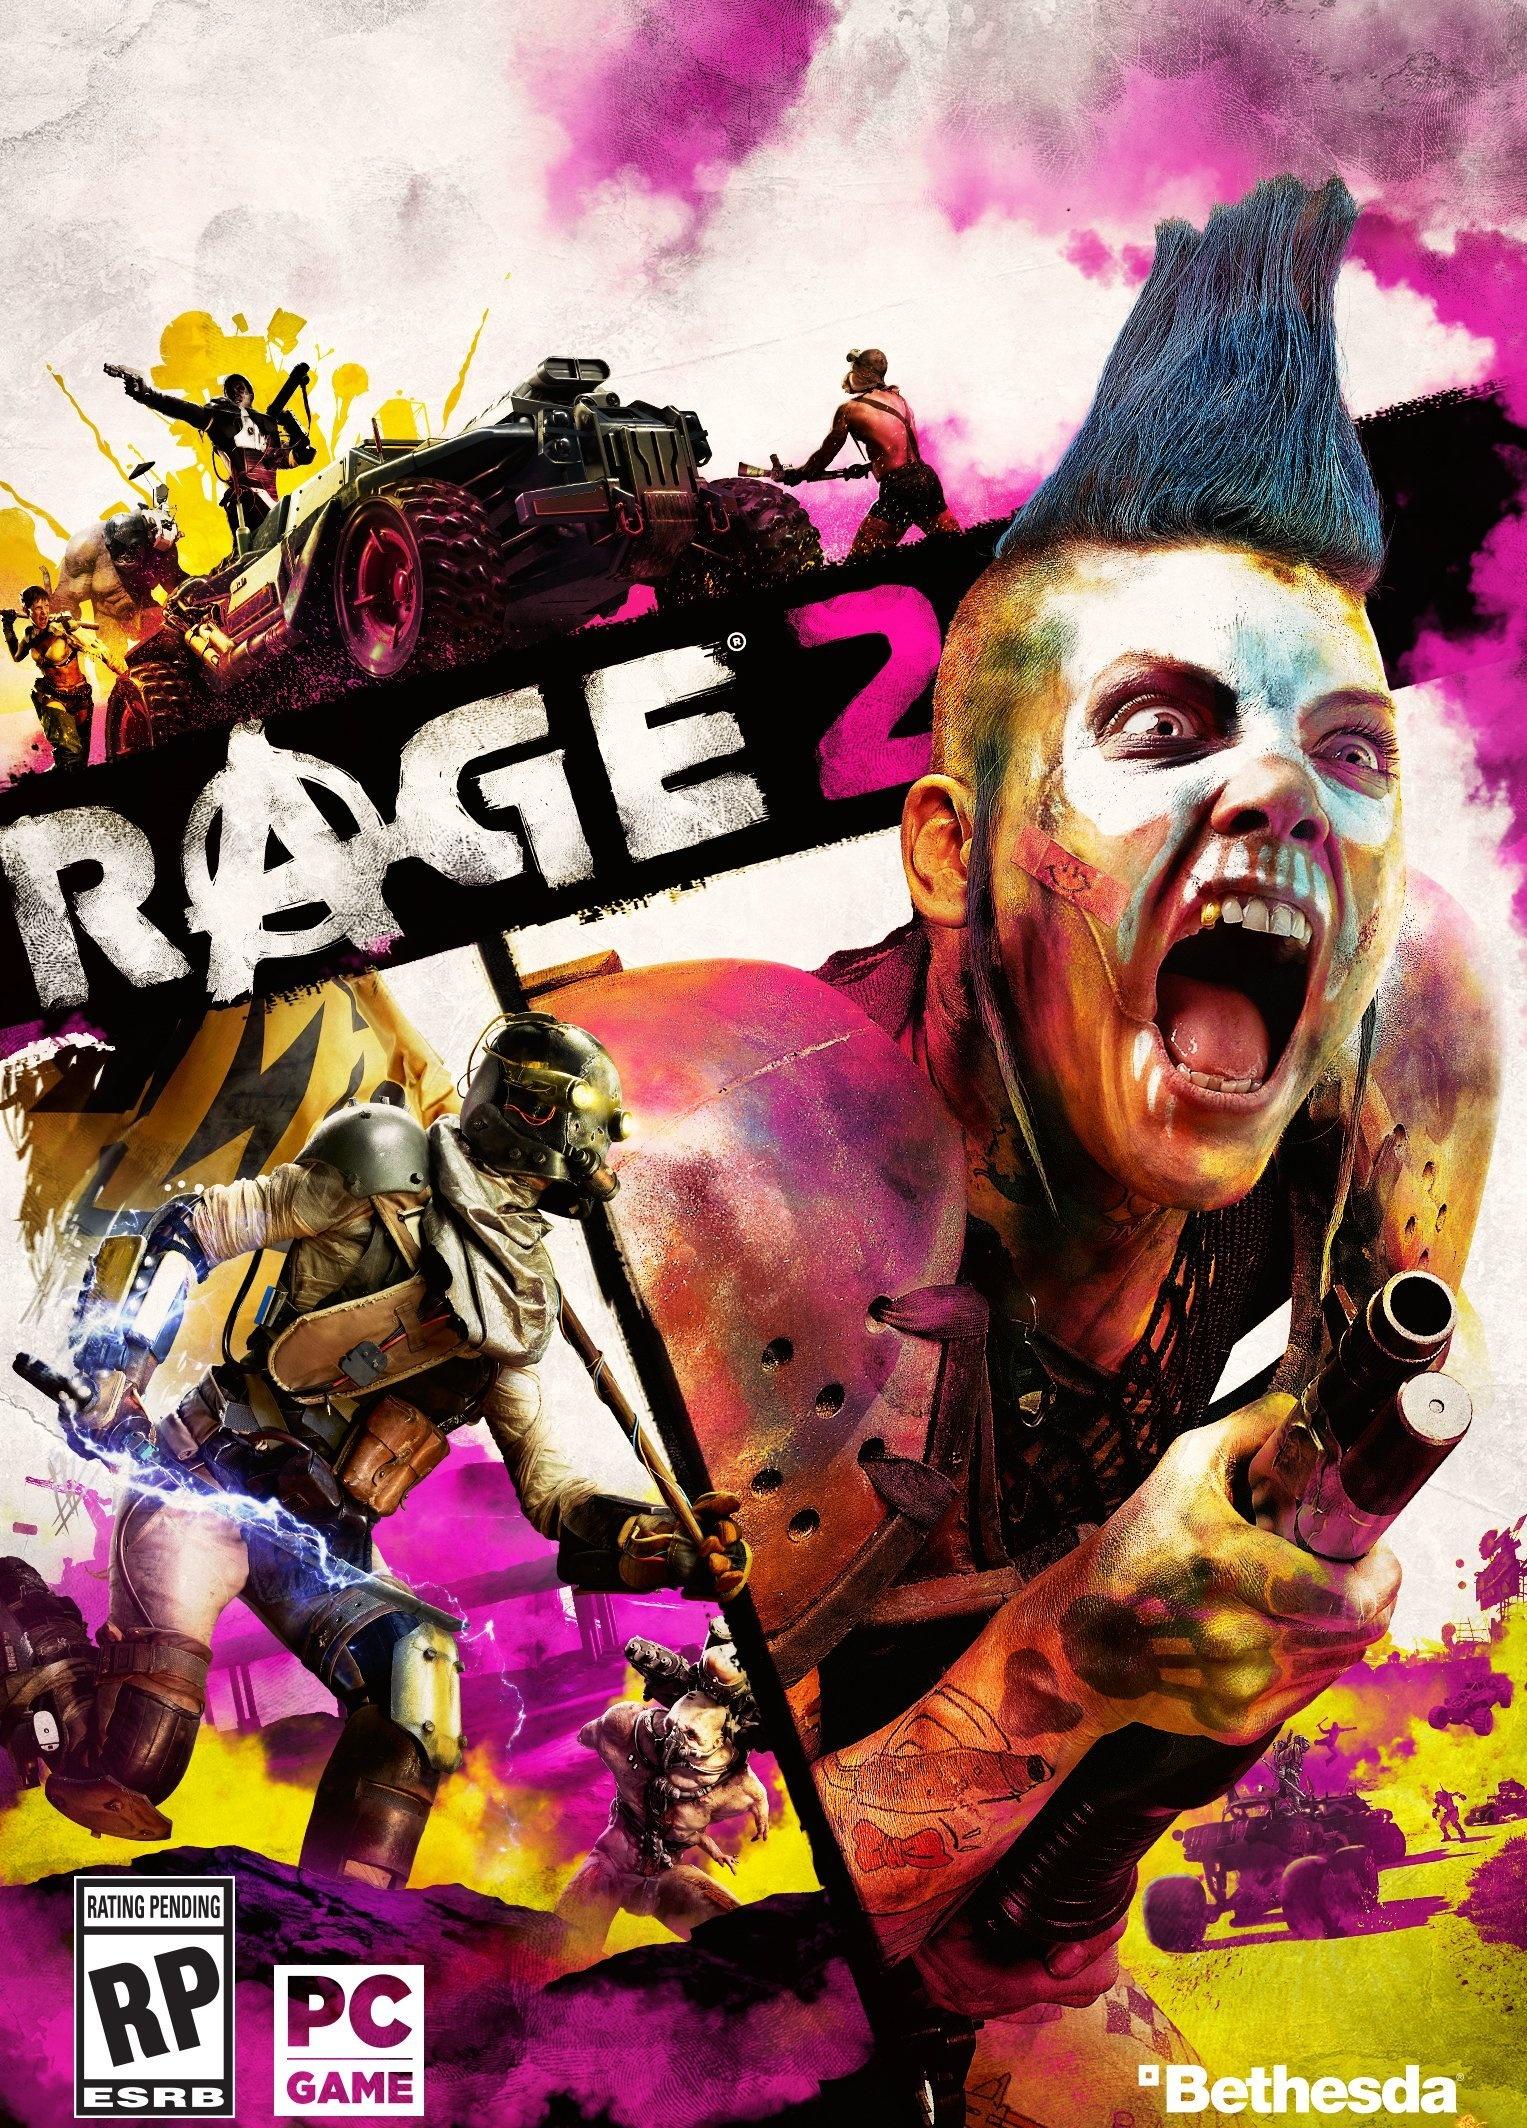 第一人称3d单机游戏_【欧美/FPS】狂怒2(Rage 2) 中文免安装未加密版【3D/35G】【解压即玩 ...